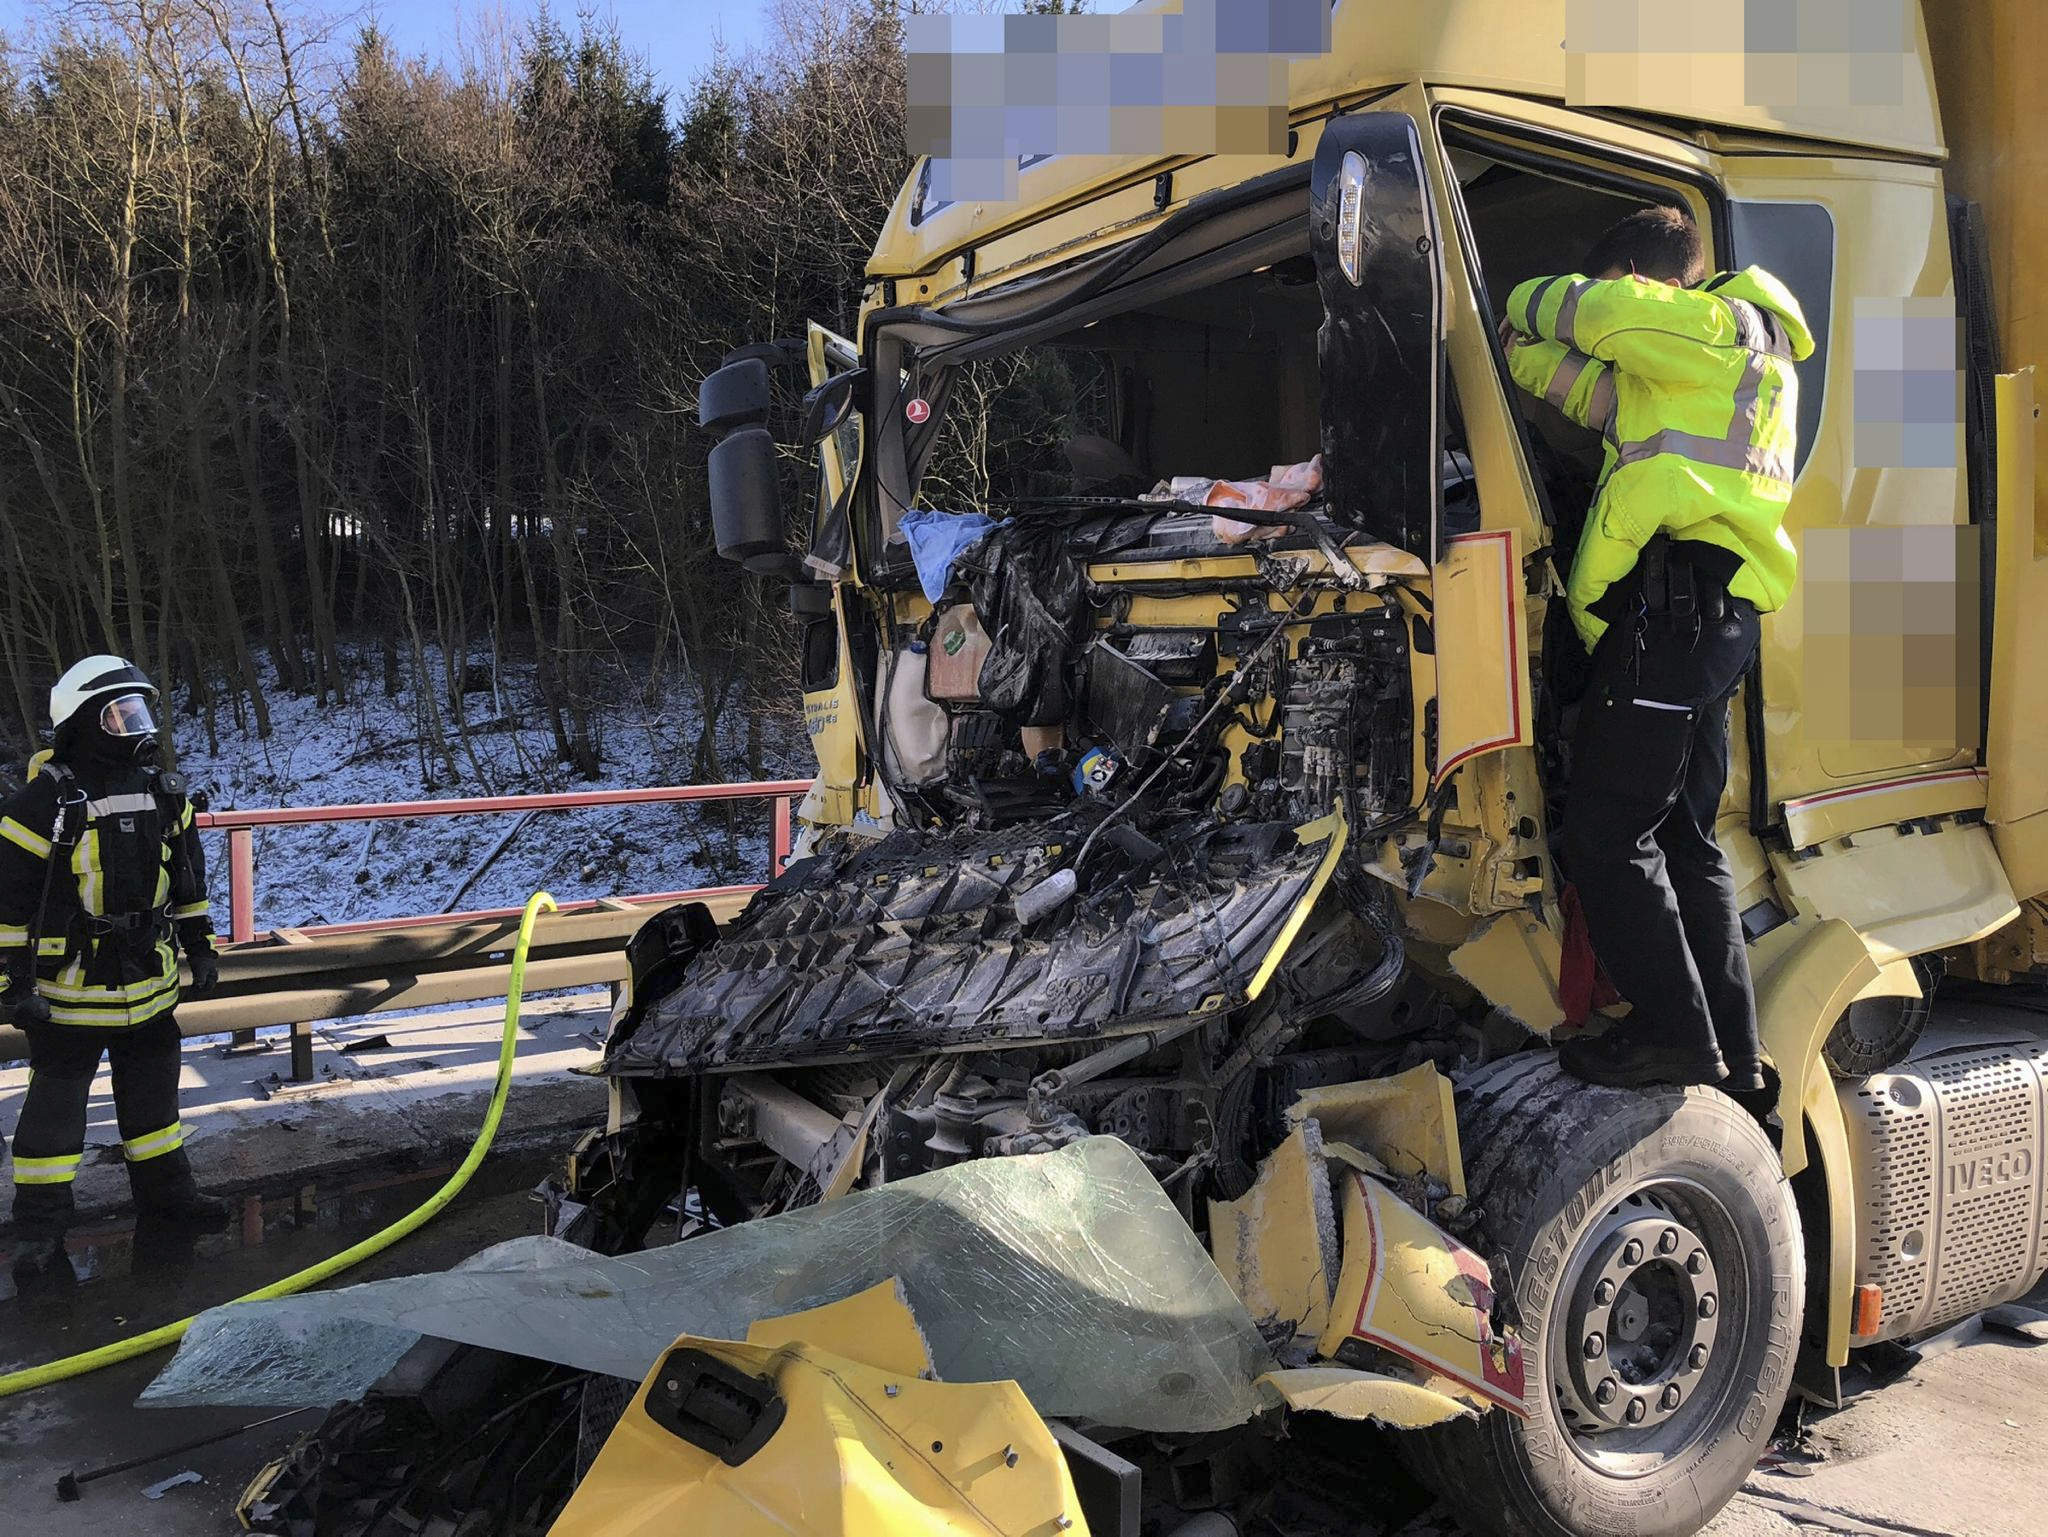 LKW-Unfall bei Echte: A7 voll gesperrt